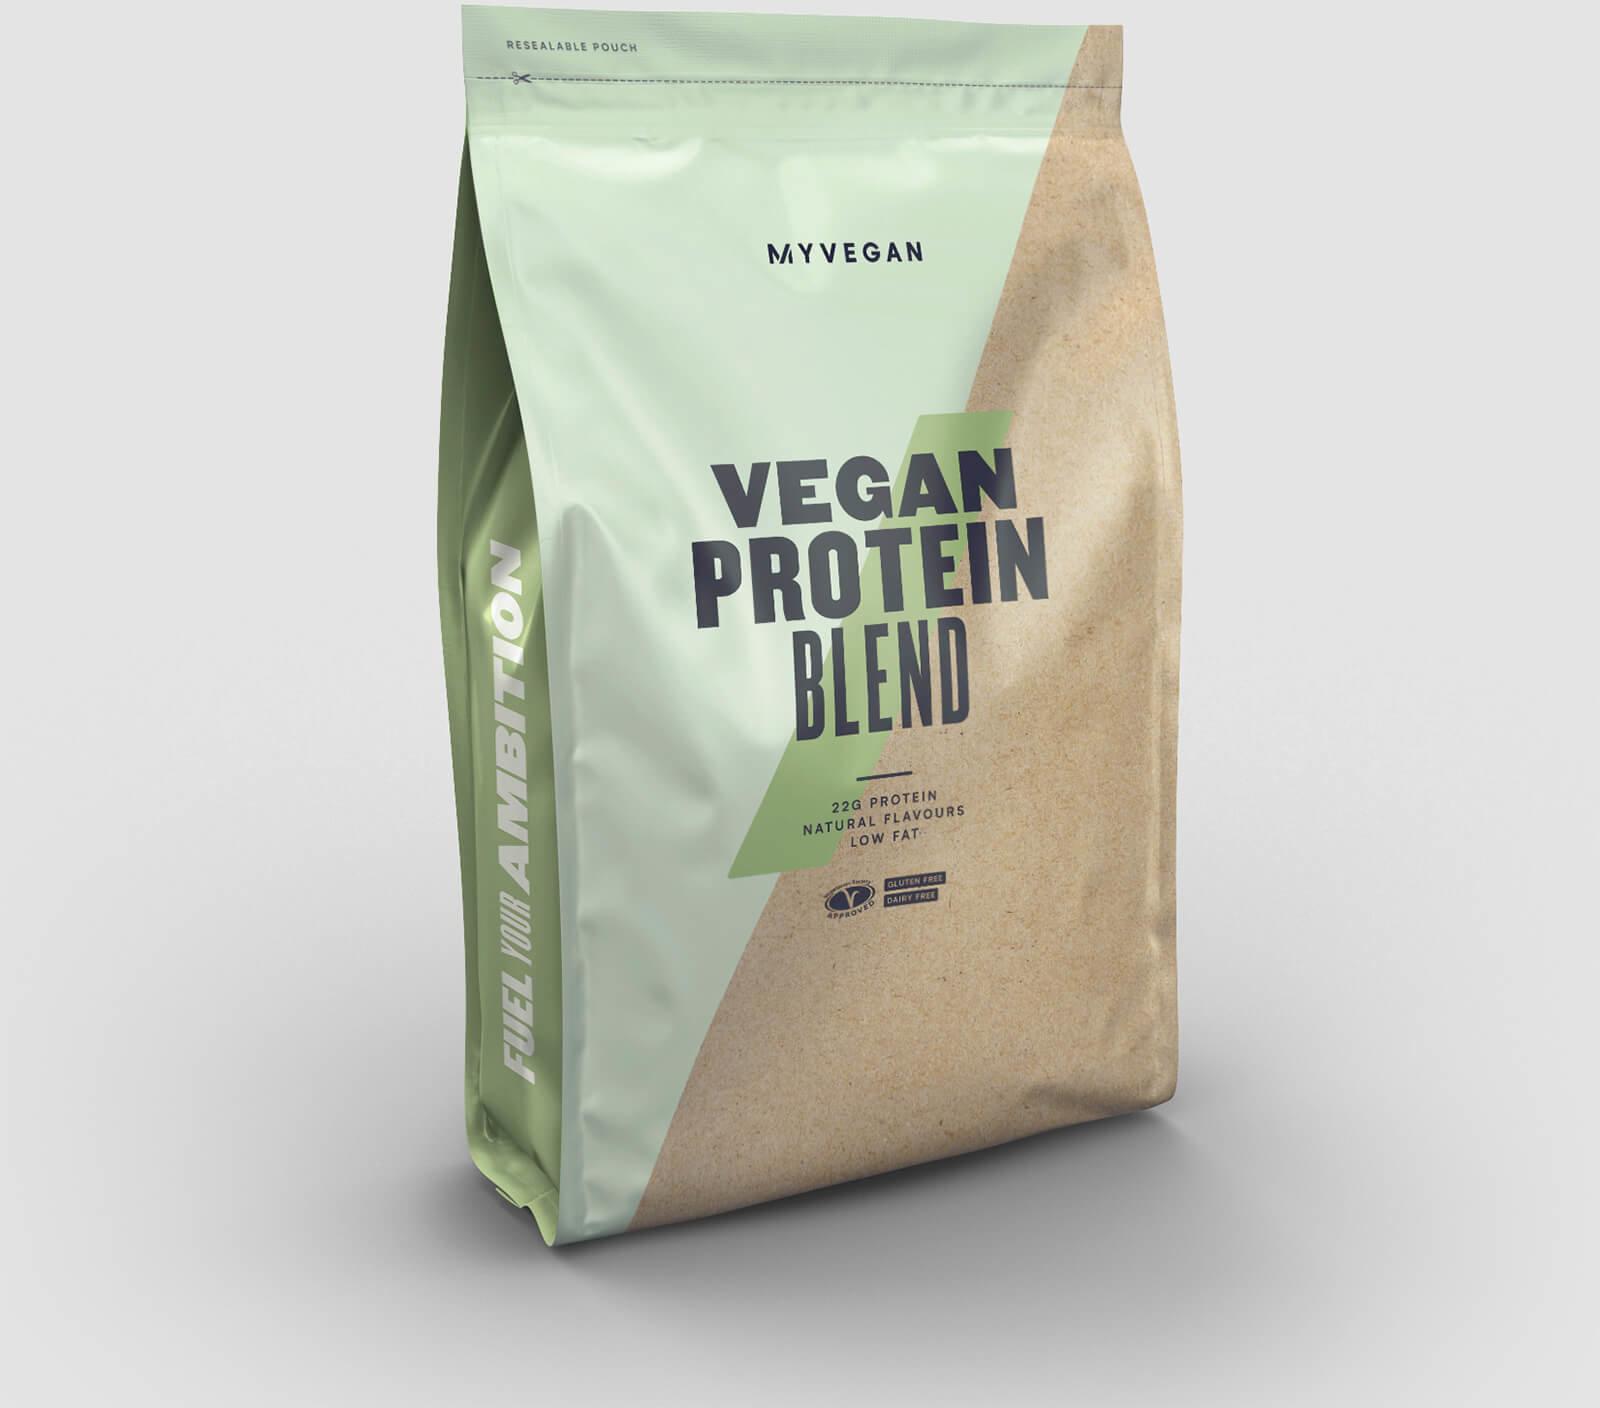 Протеин для веганов: натуральные вегетарианские источники белка